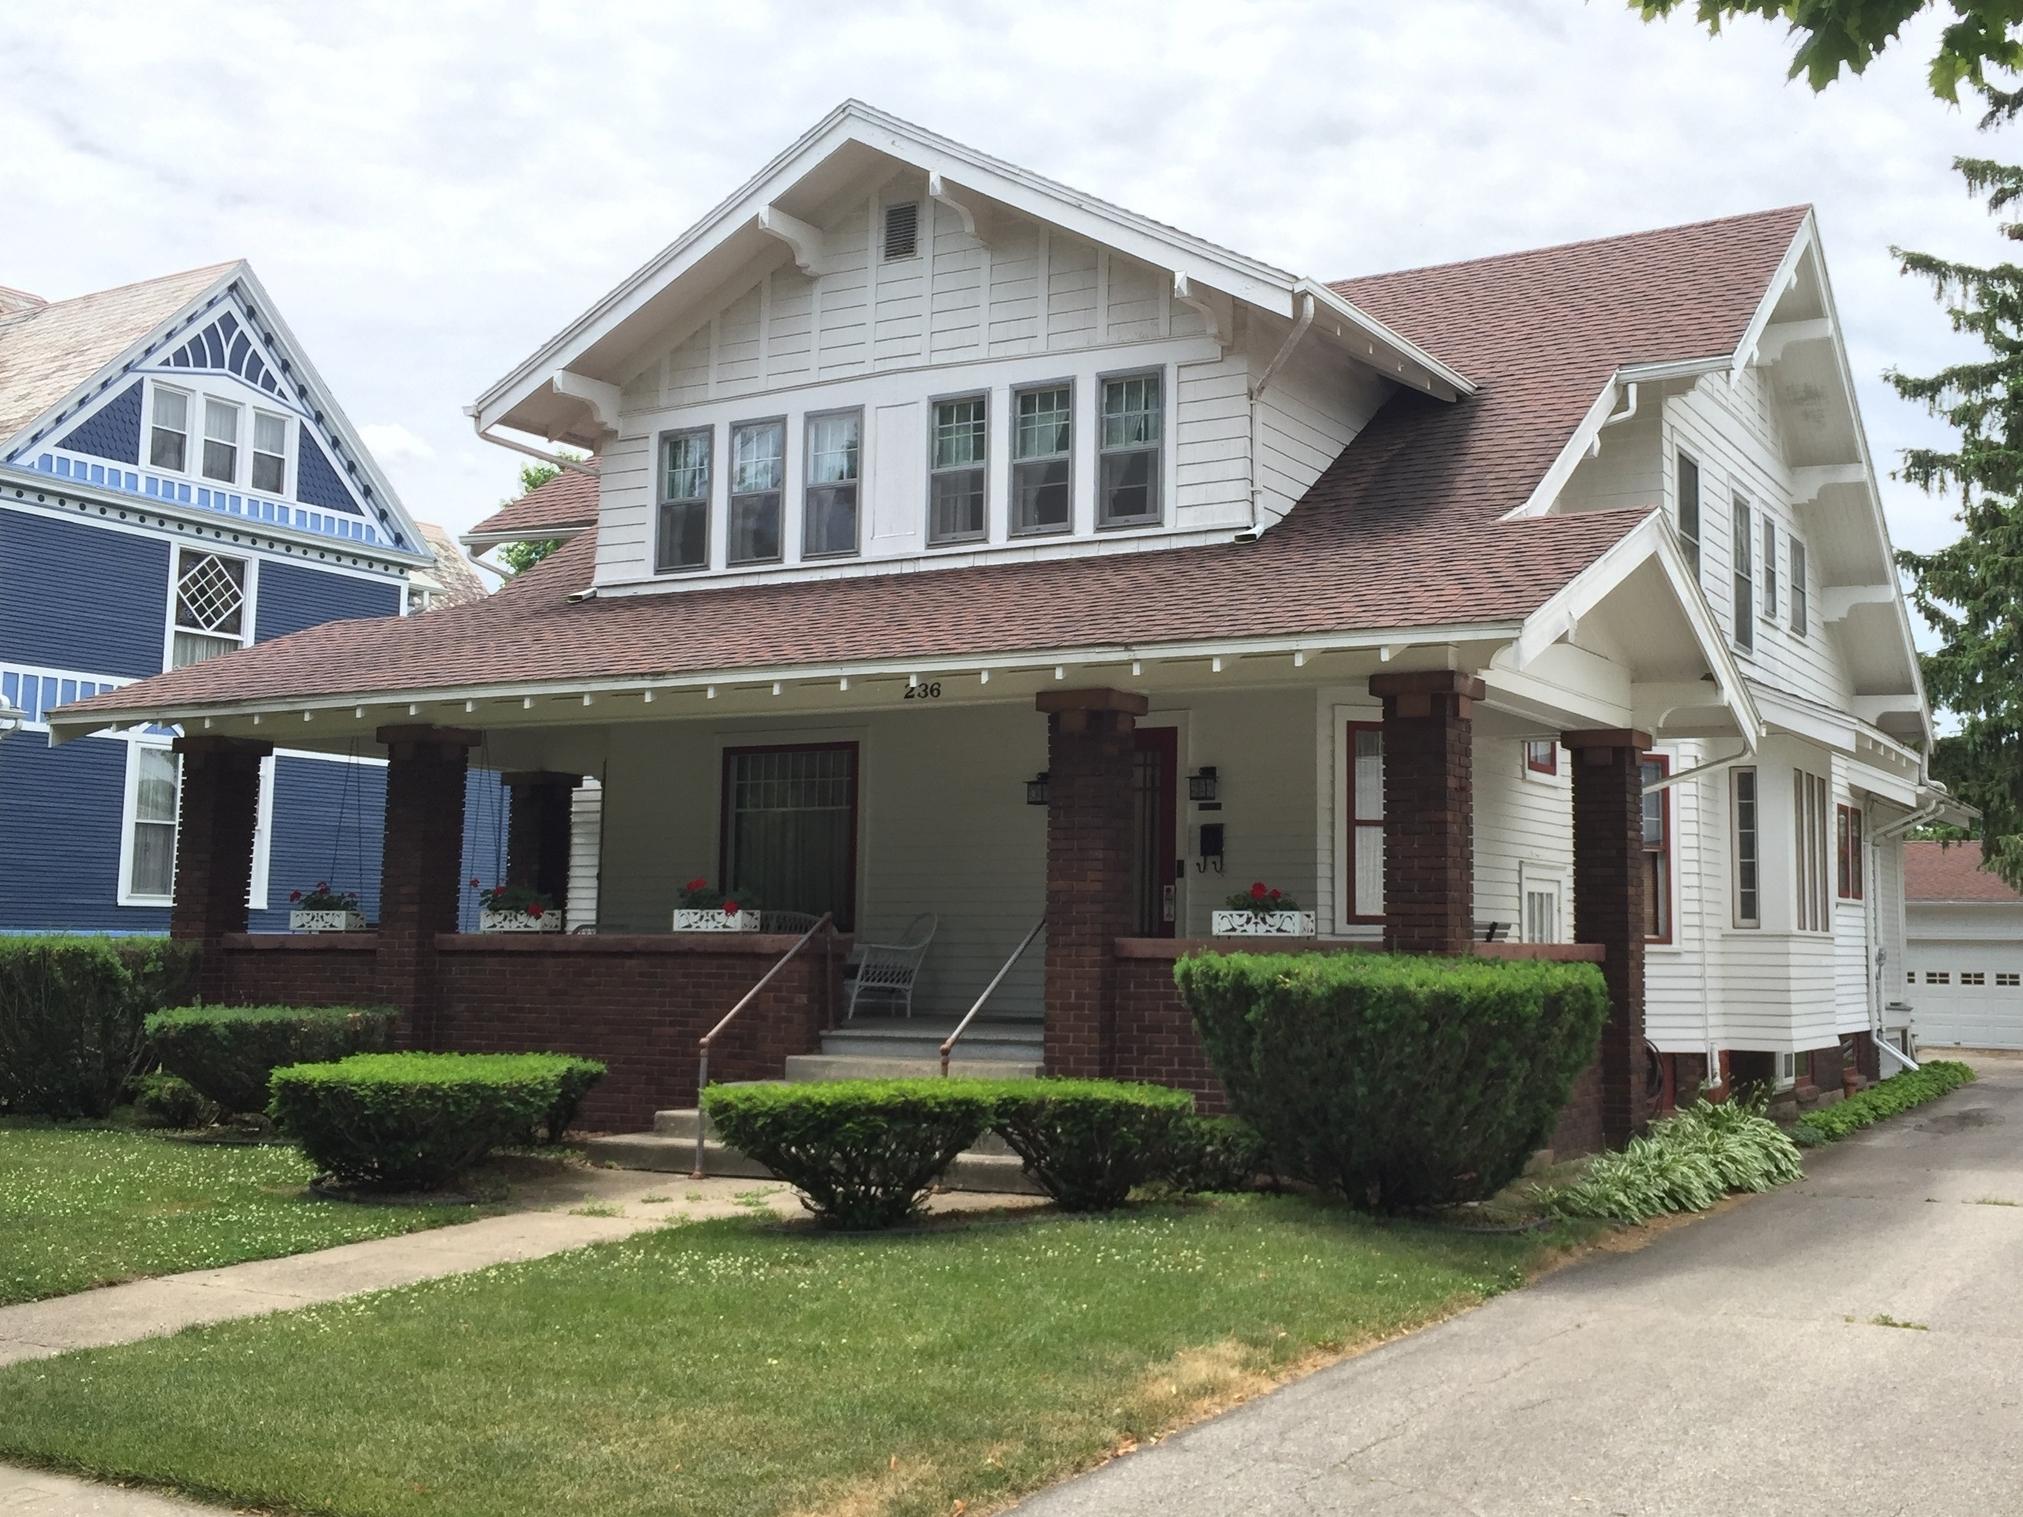 236 Dennis Street,  1921   Craftsman Home     (1910-1940)